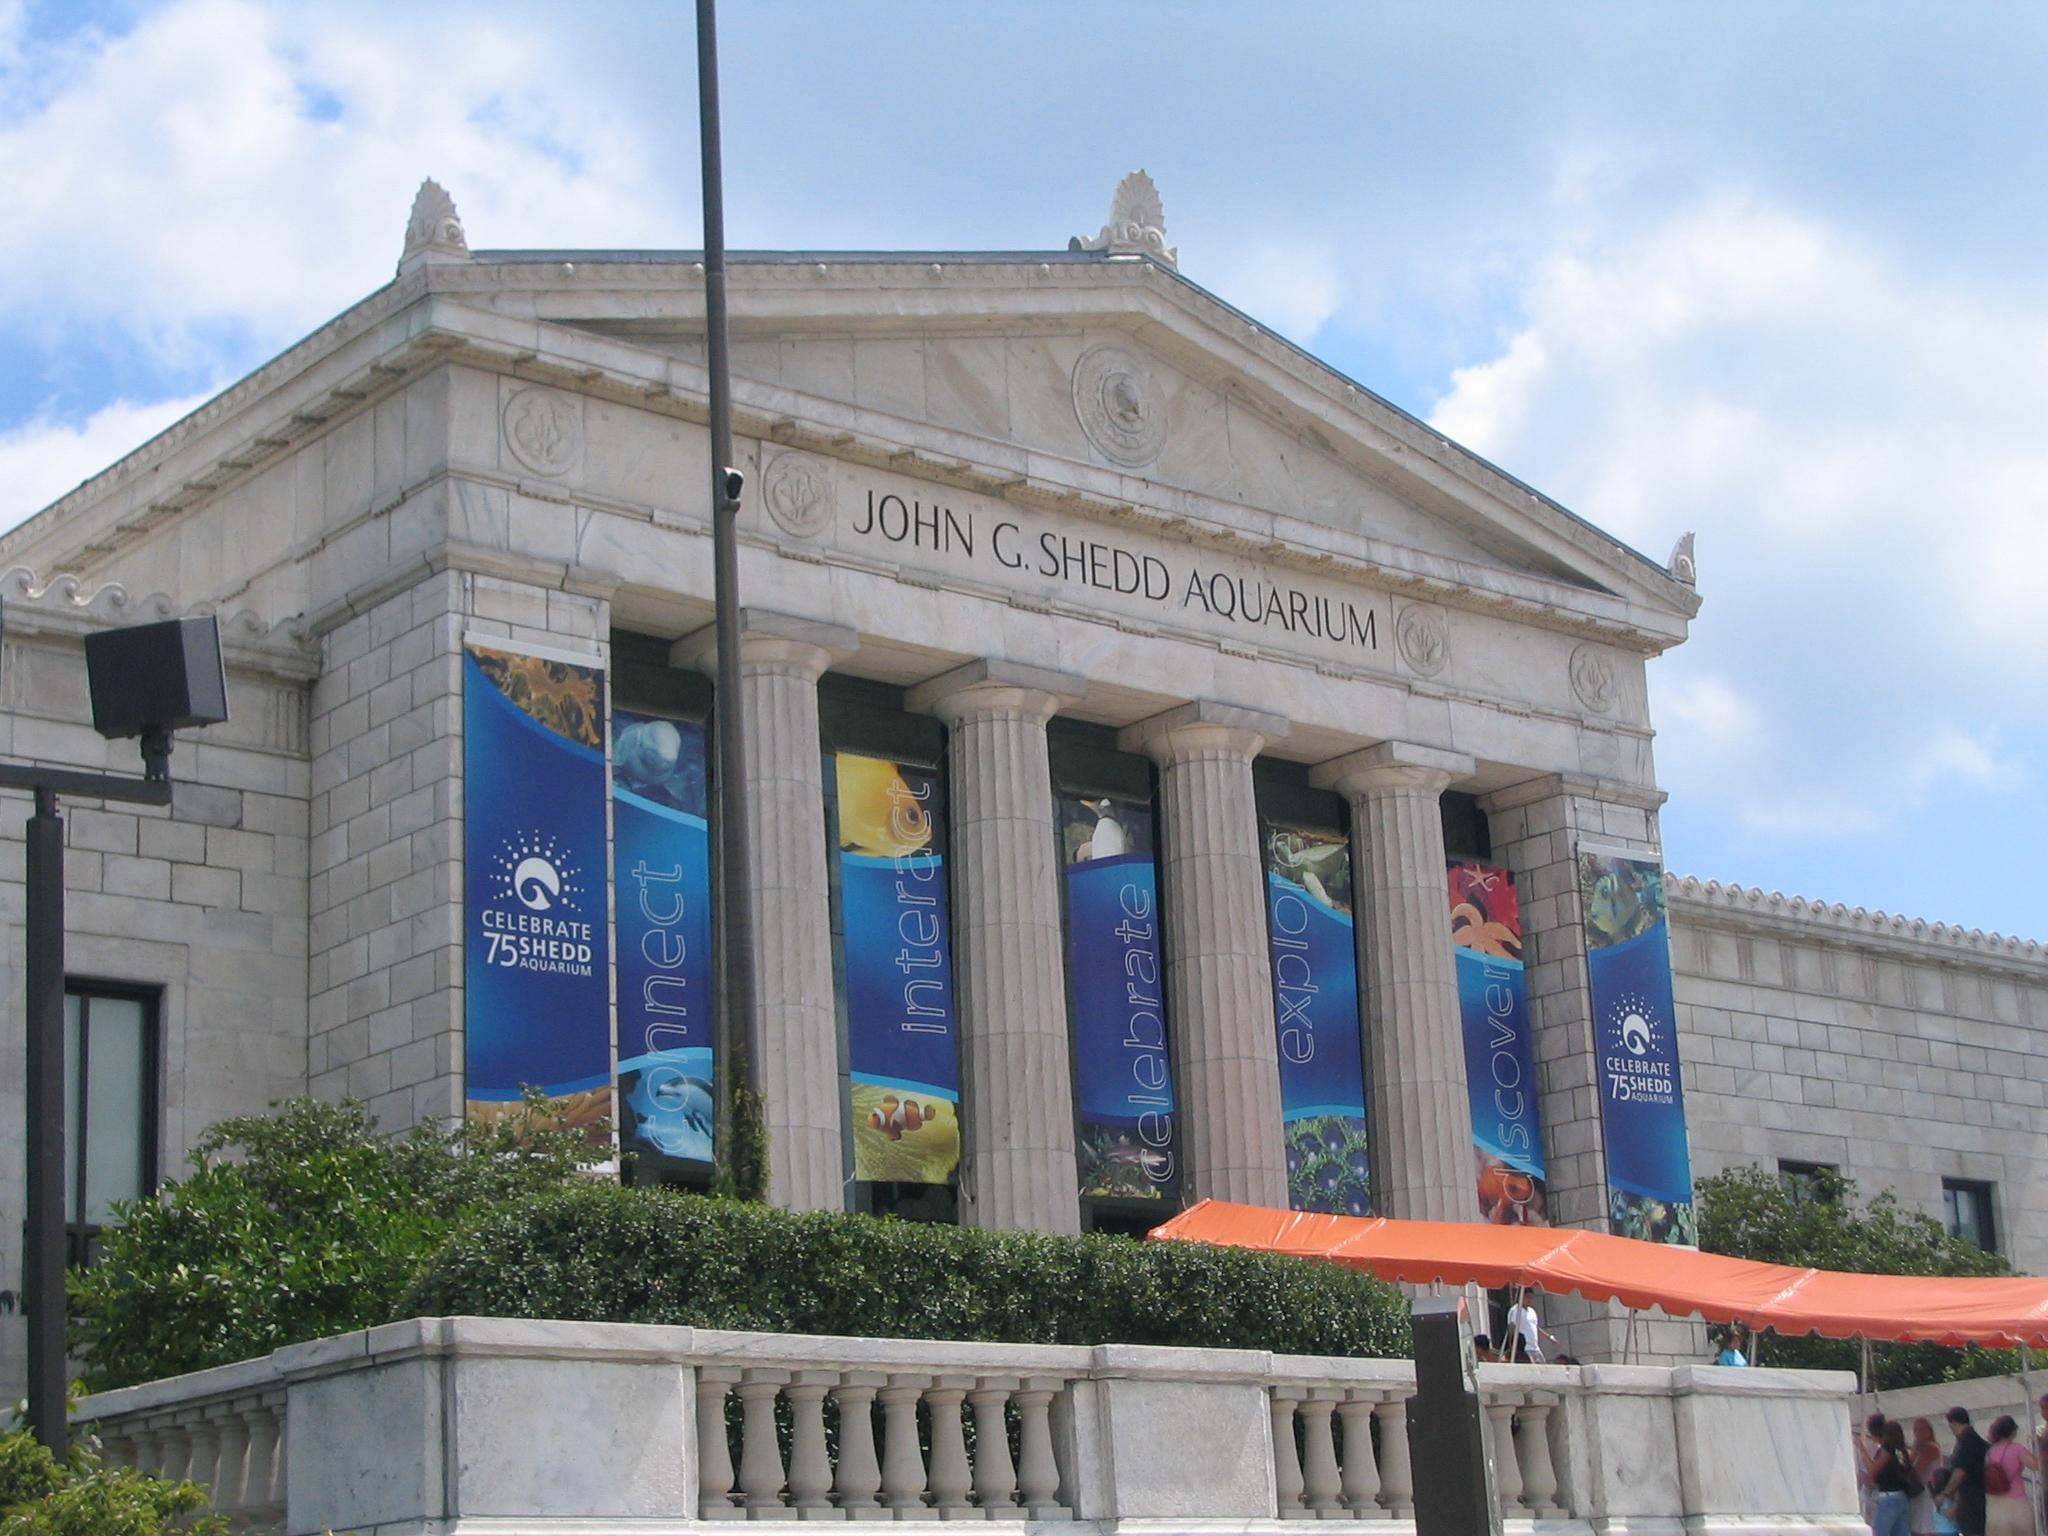 Shedd Aquarium Chicago August 2005